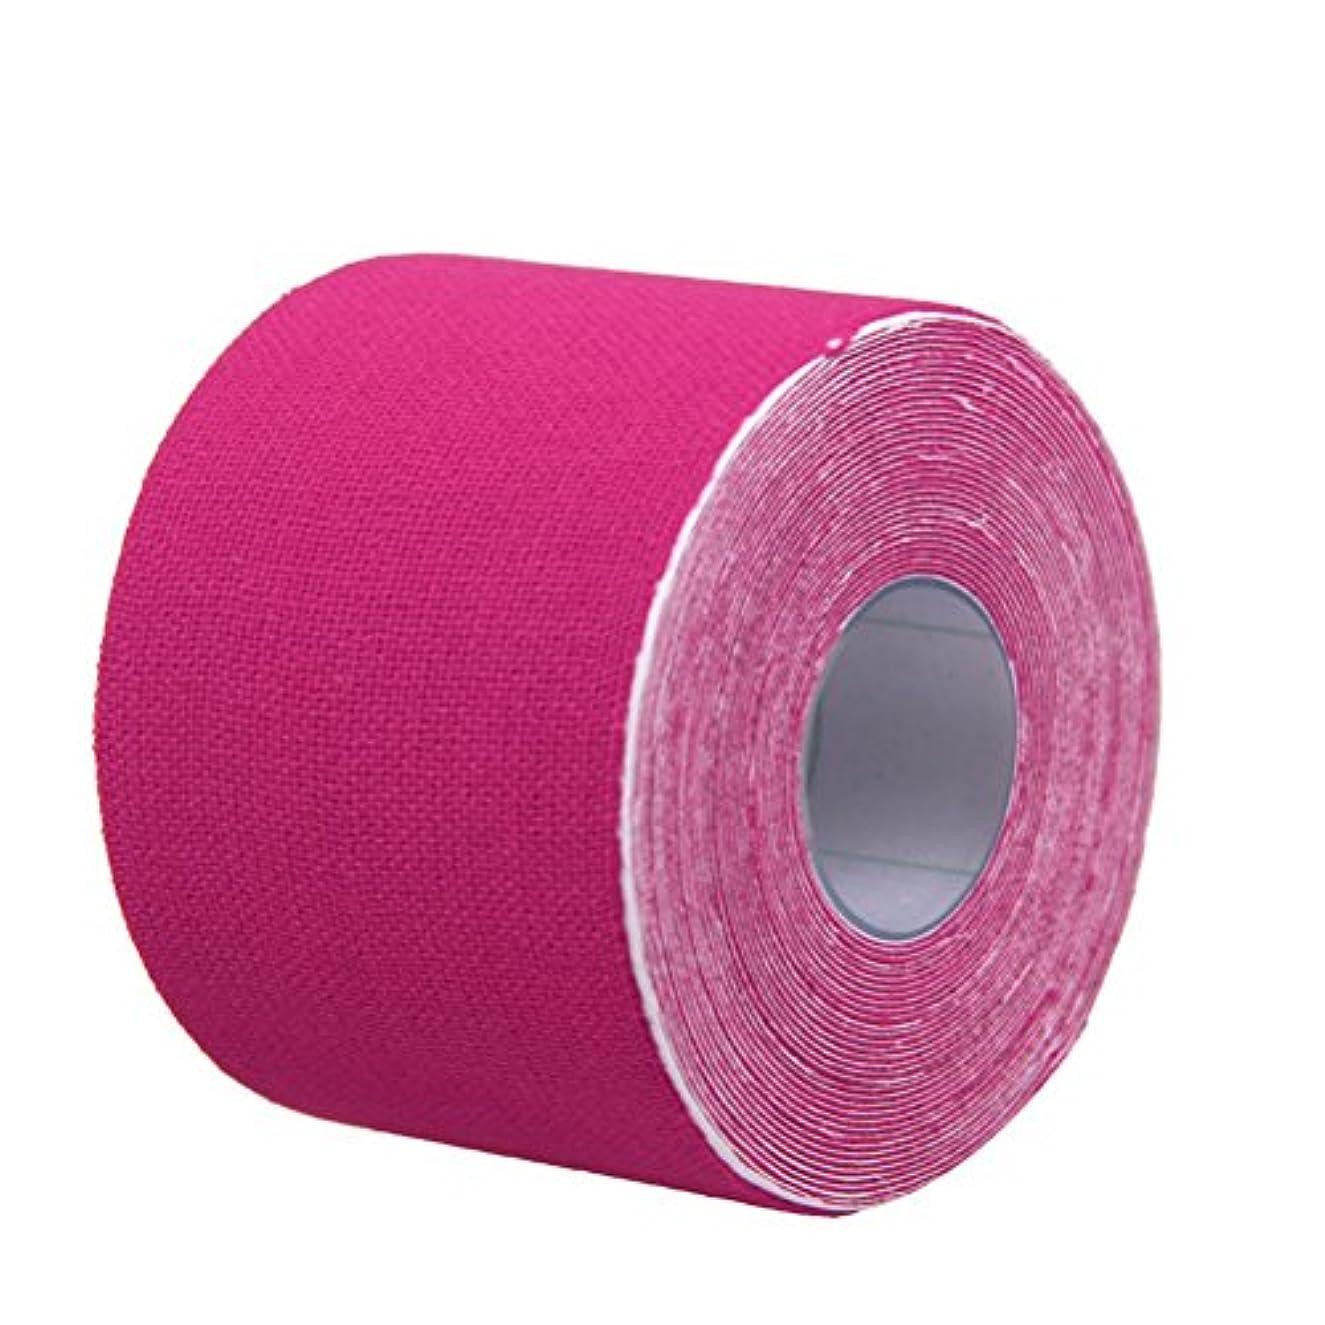 舌な家庭知恵ROSENICE キネシオロジーテープセットセラピースポーツフィジオセラピー500x2.5cm(ピンク)